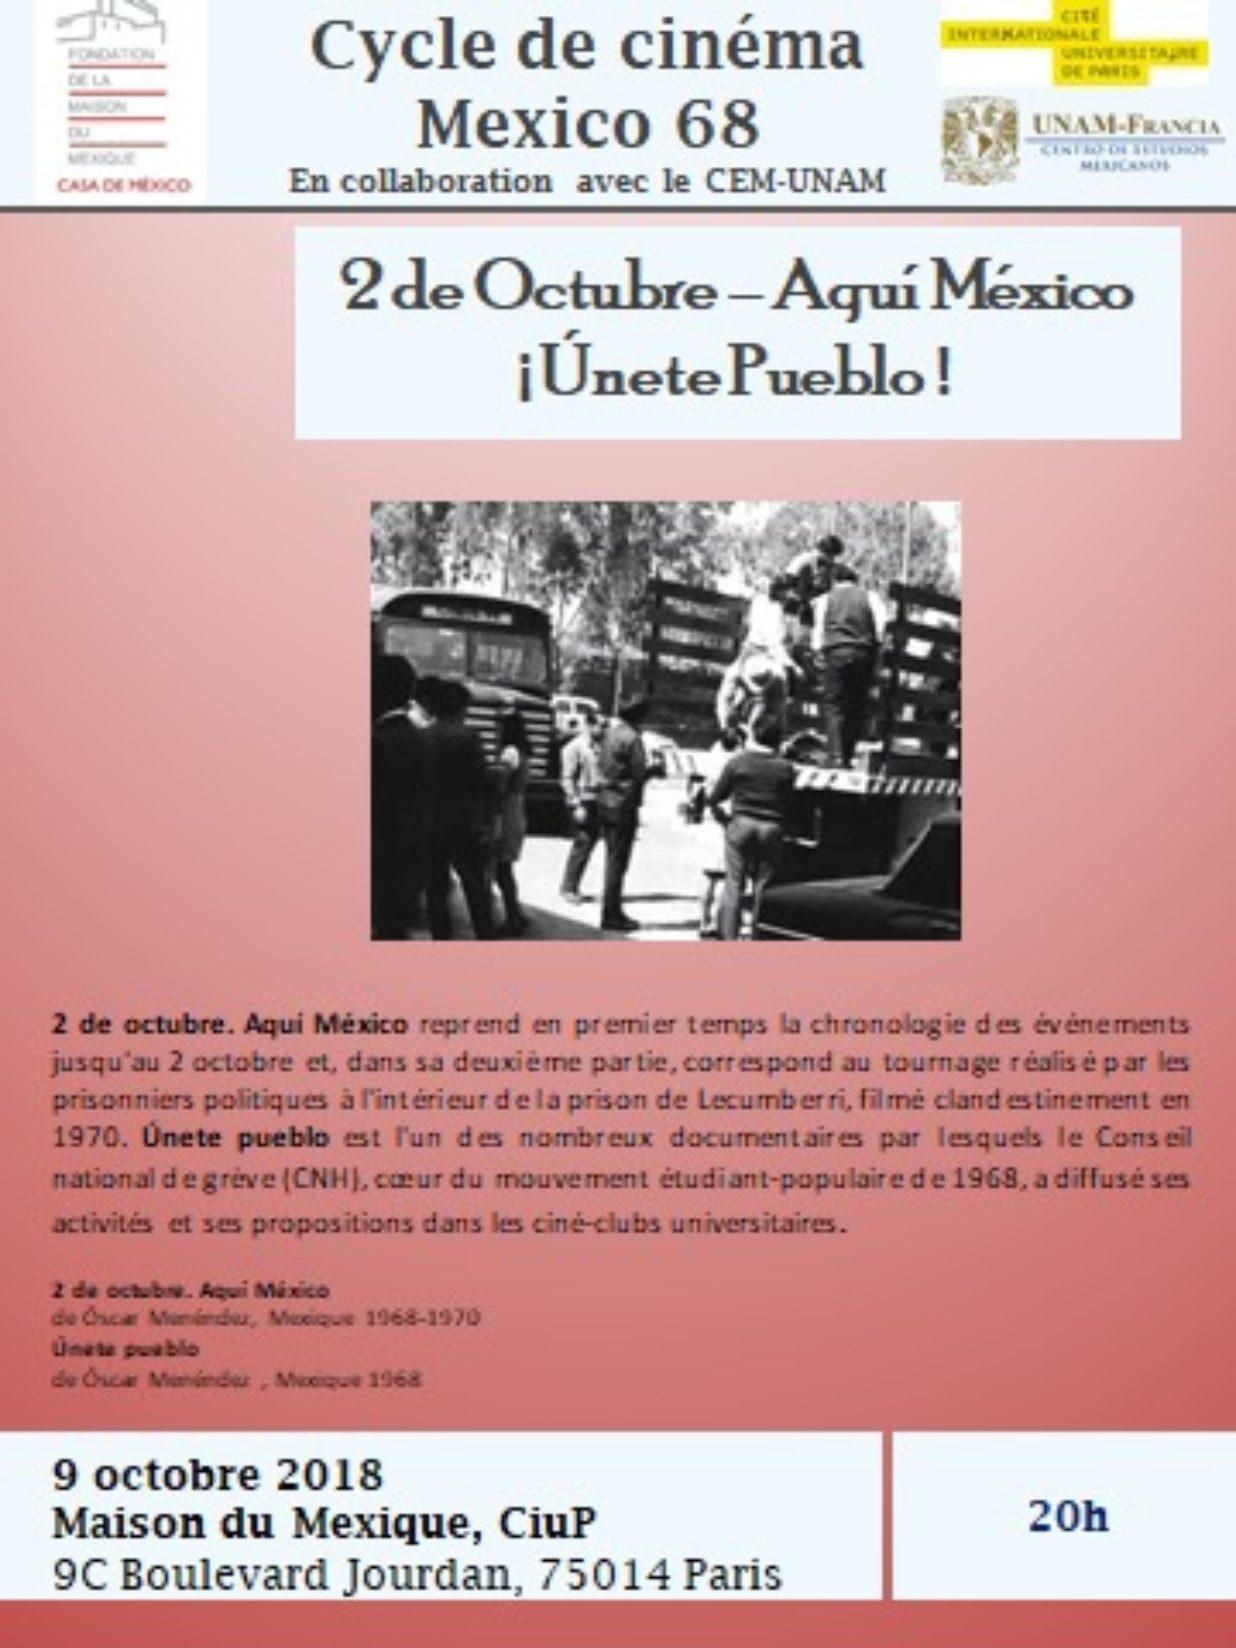 Mexico 68 9 octubre 2018